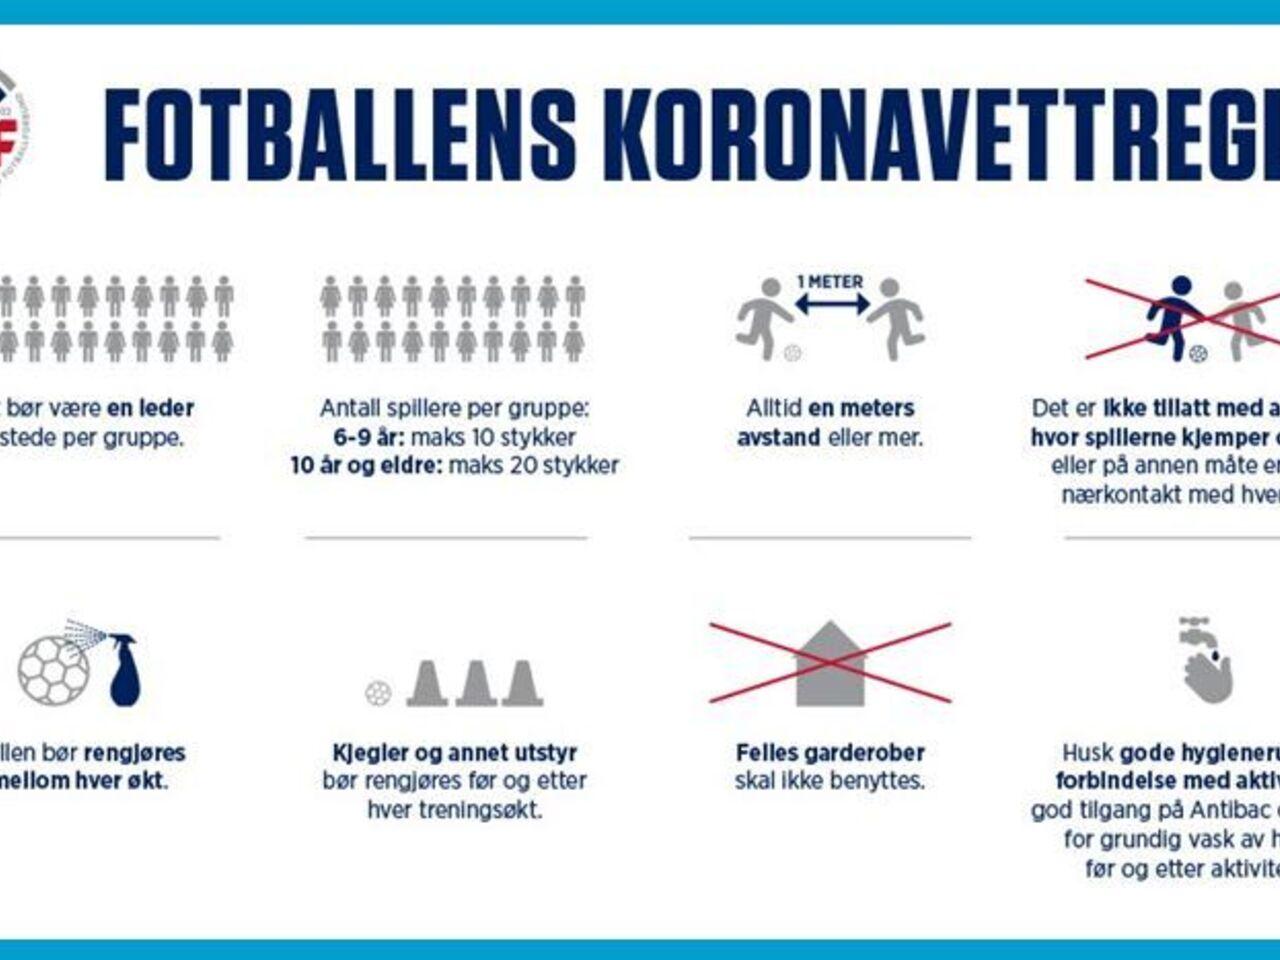 Fotballens koronaveileder